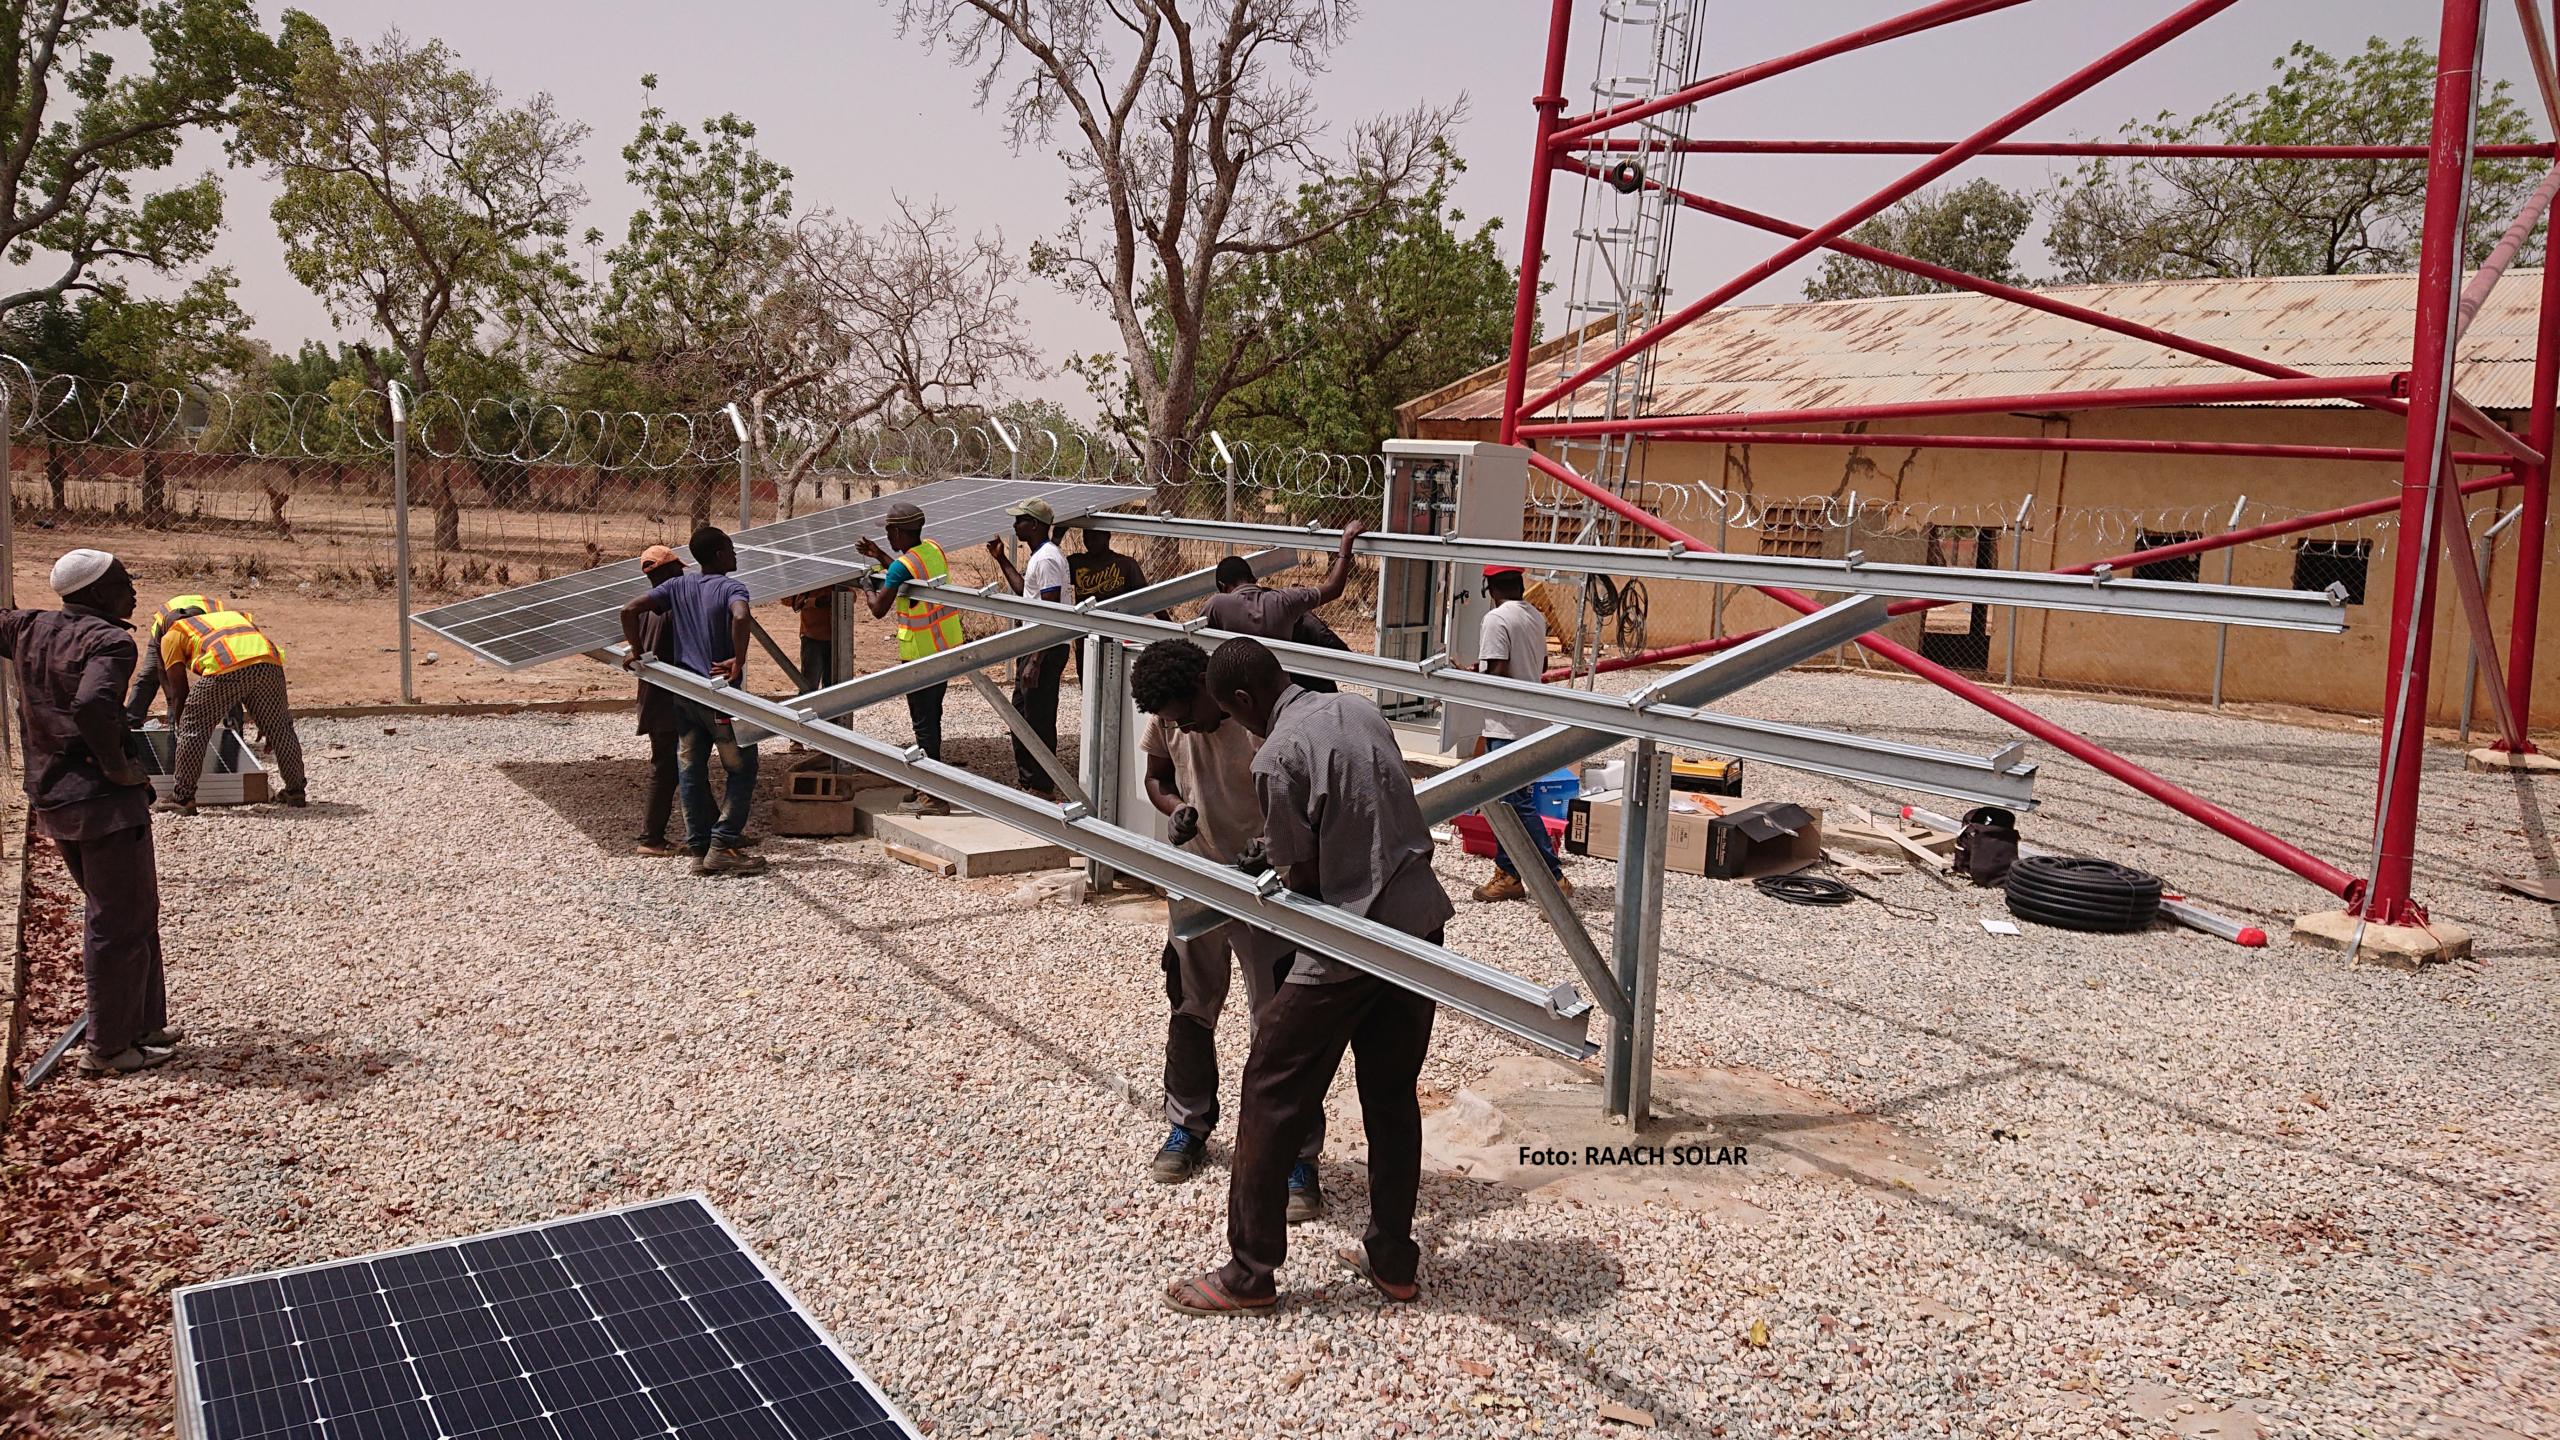 Foto: RAACH SOLAR; SL Rack Freiflächensystem - 2V   Standort: Burkina Faso, Afrika   Leistung: 223,2 kWp